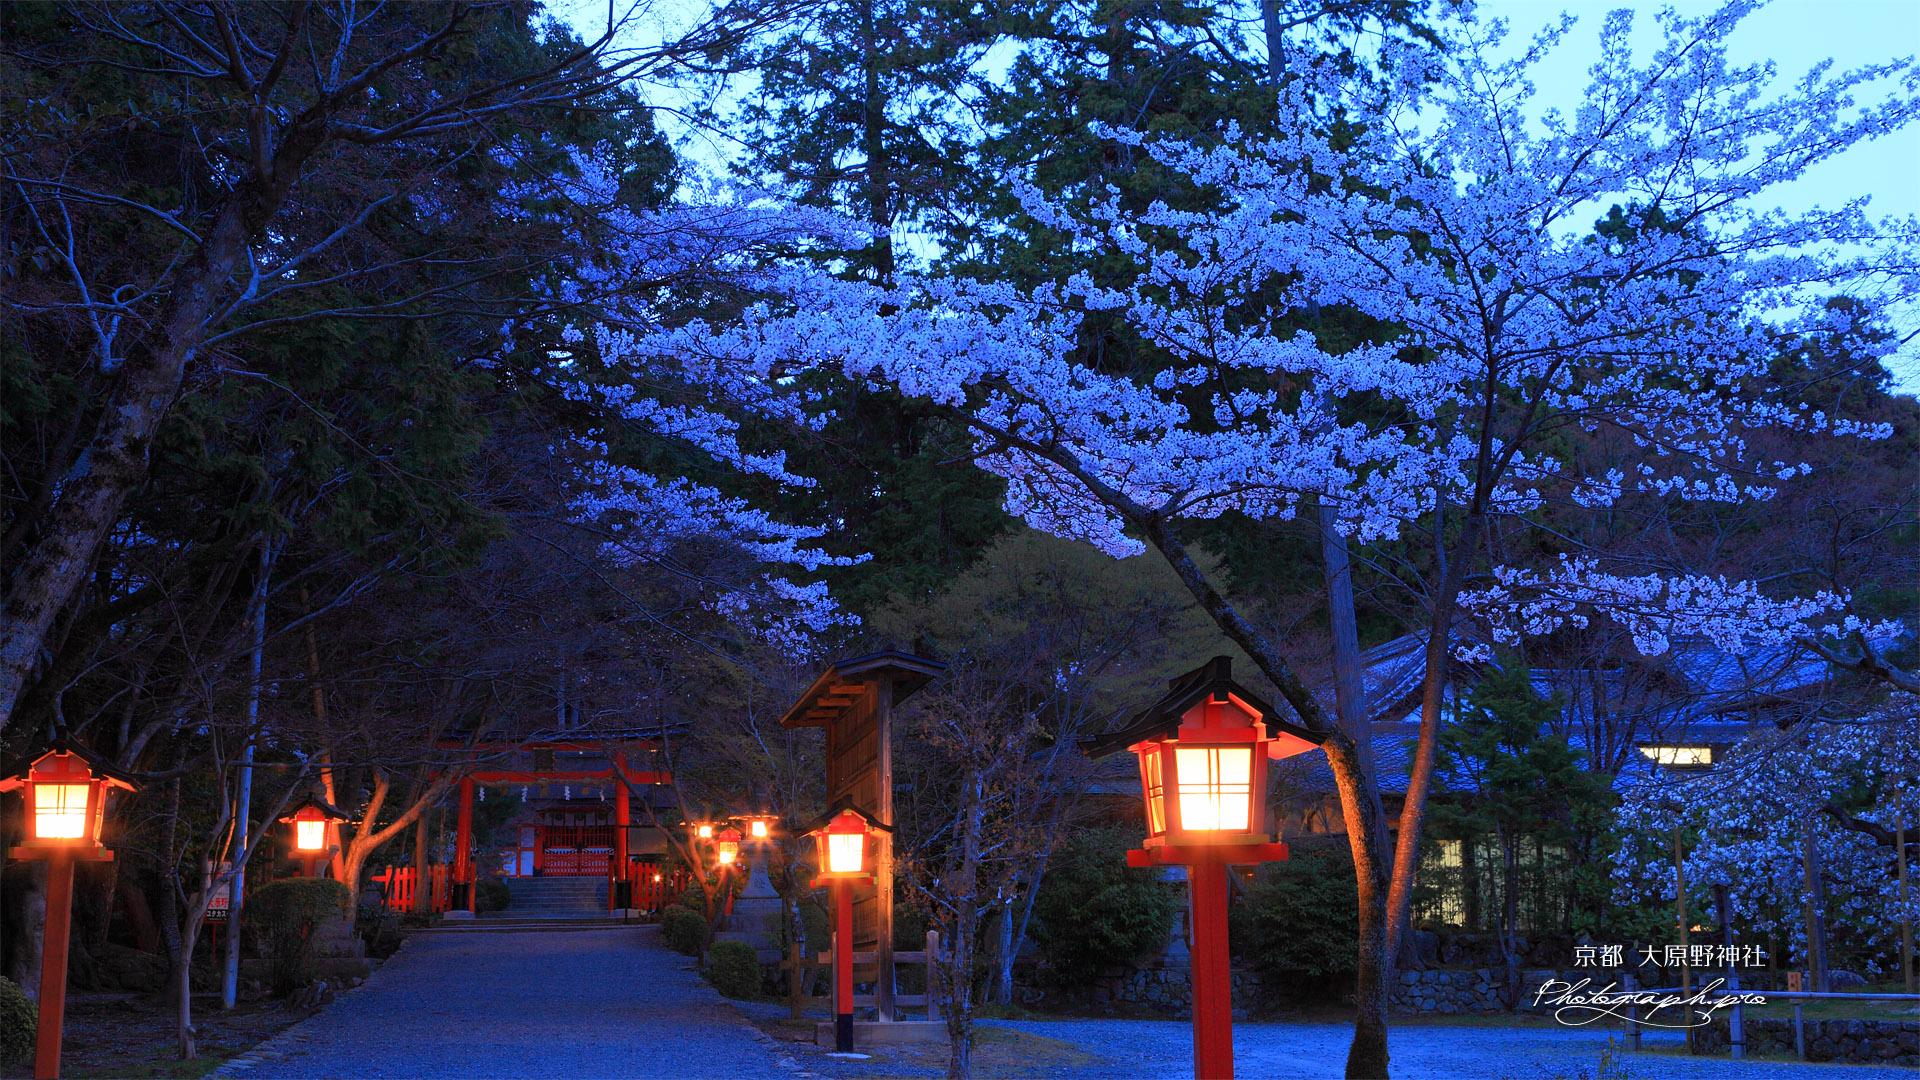 大原野神社の春日灯籠と桜